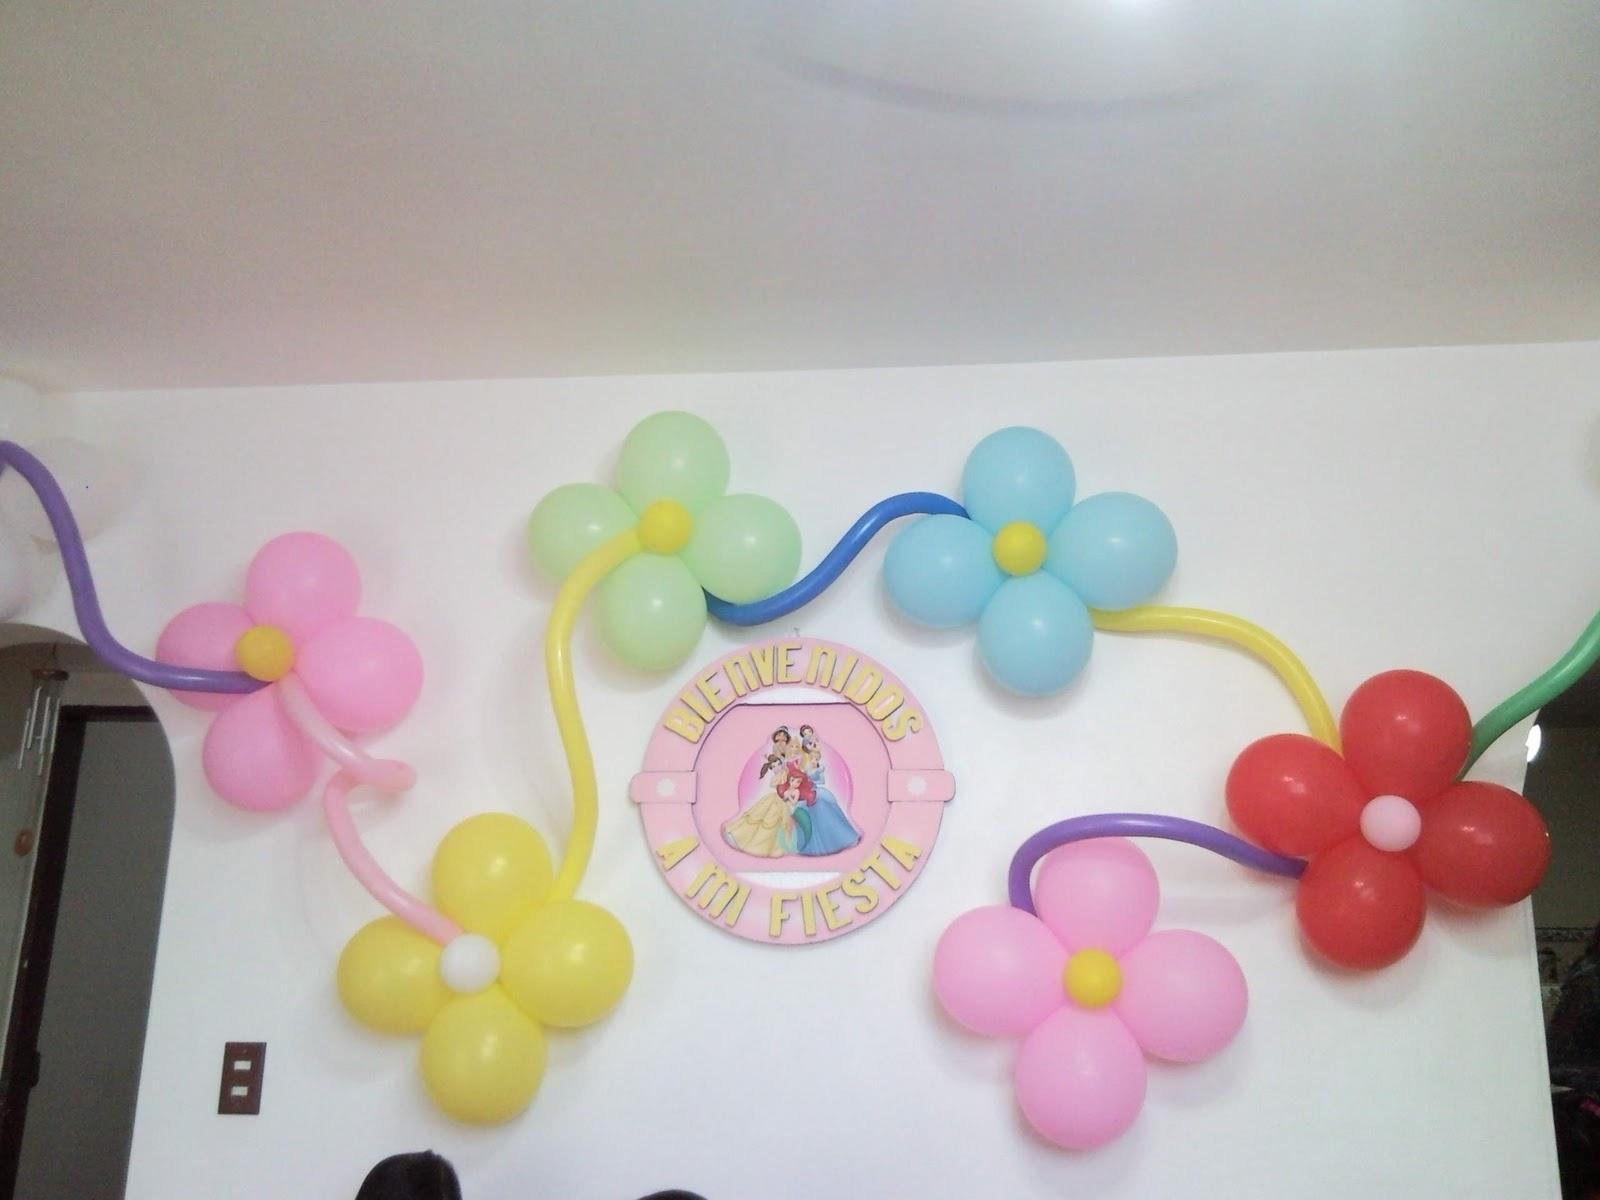 Decoraciones con globos toluca pic 2 car interior design - Decoraciones con globos ...